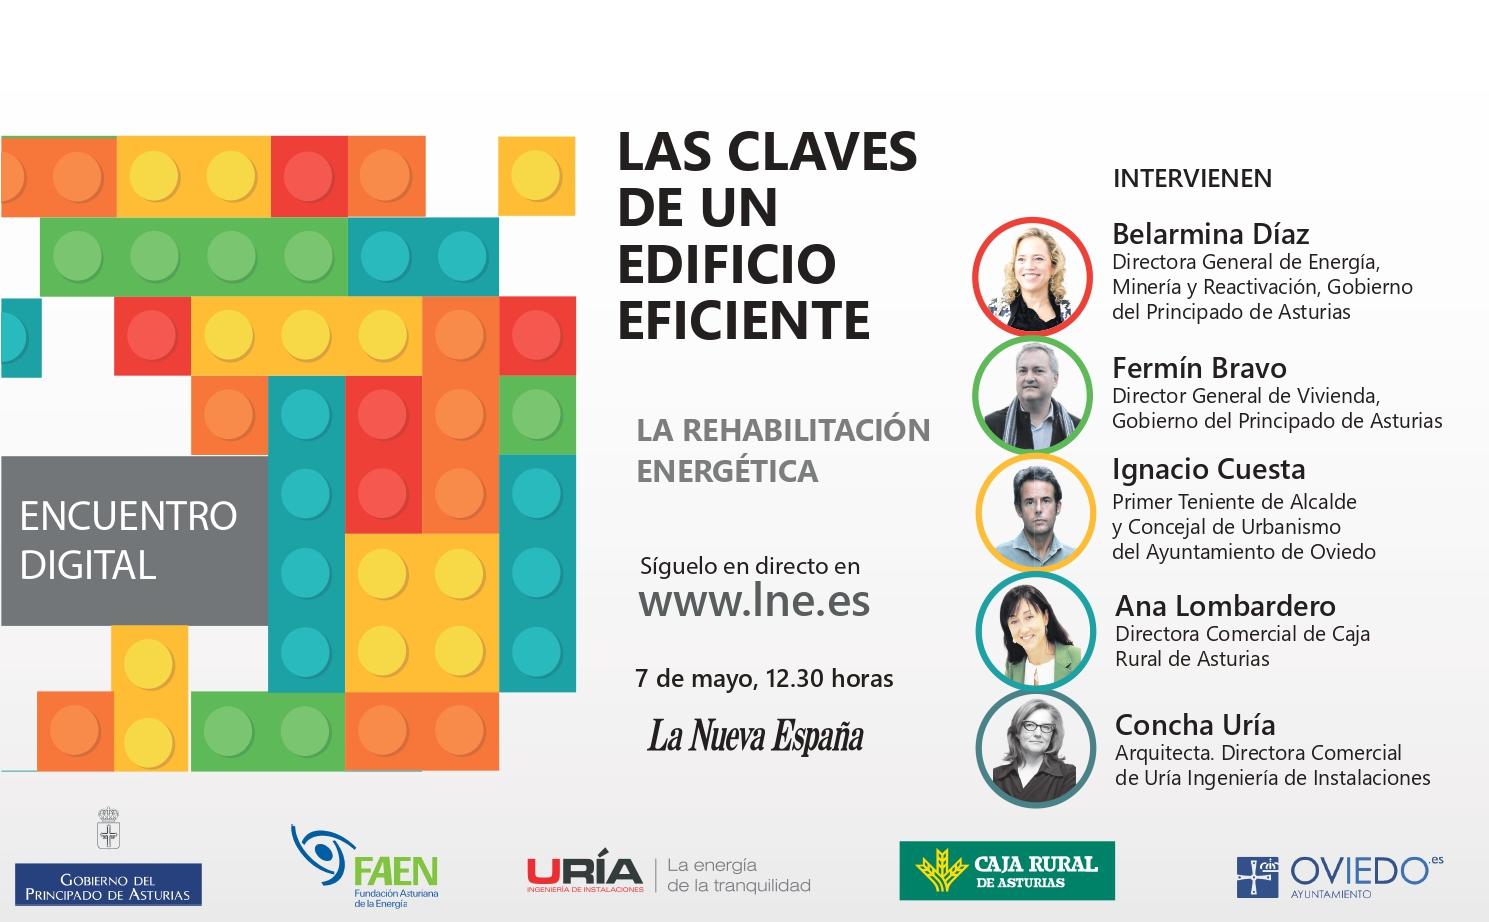 Encuentro digital La Nueva España «Las claves de un edificio eficiente: La Rehabilitación Energética»